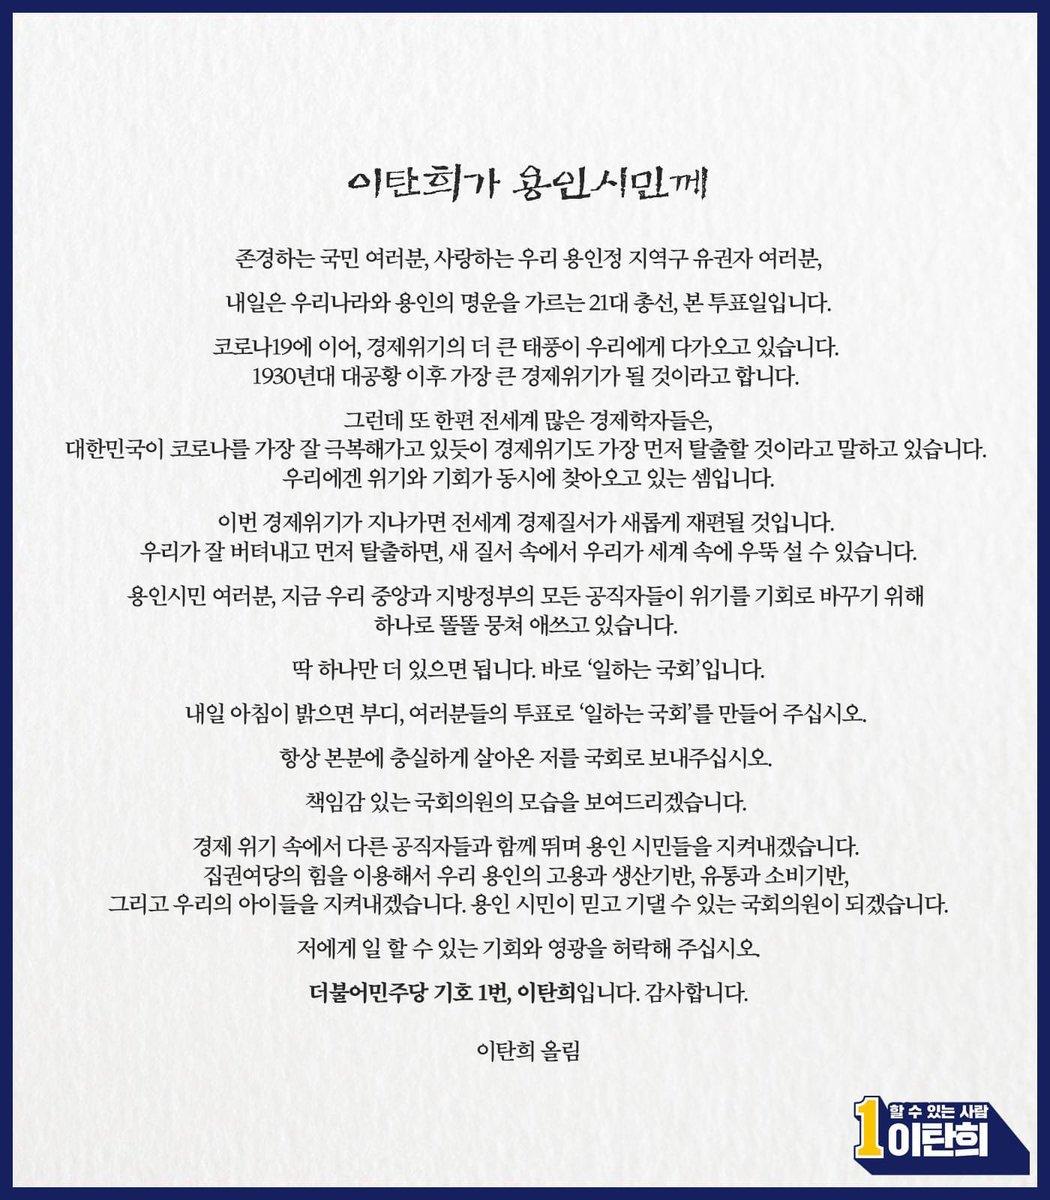 <이탄희의 편지> https://t.co/O4vlv8s9HY